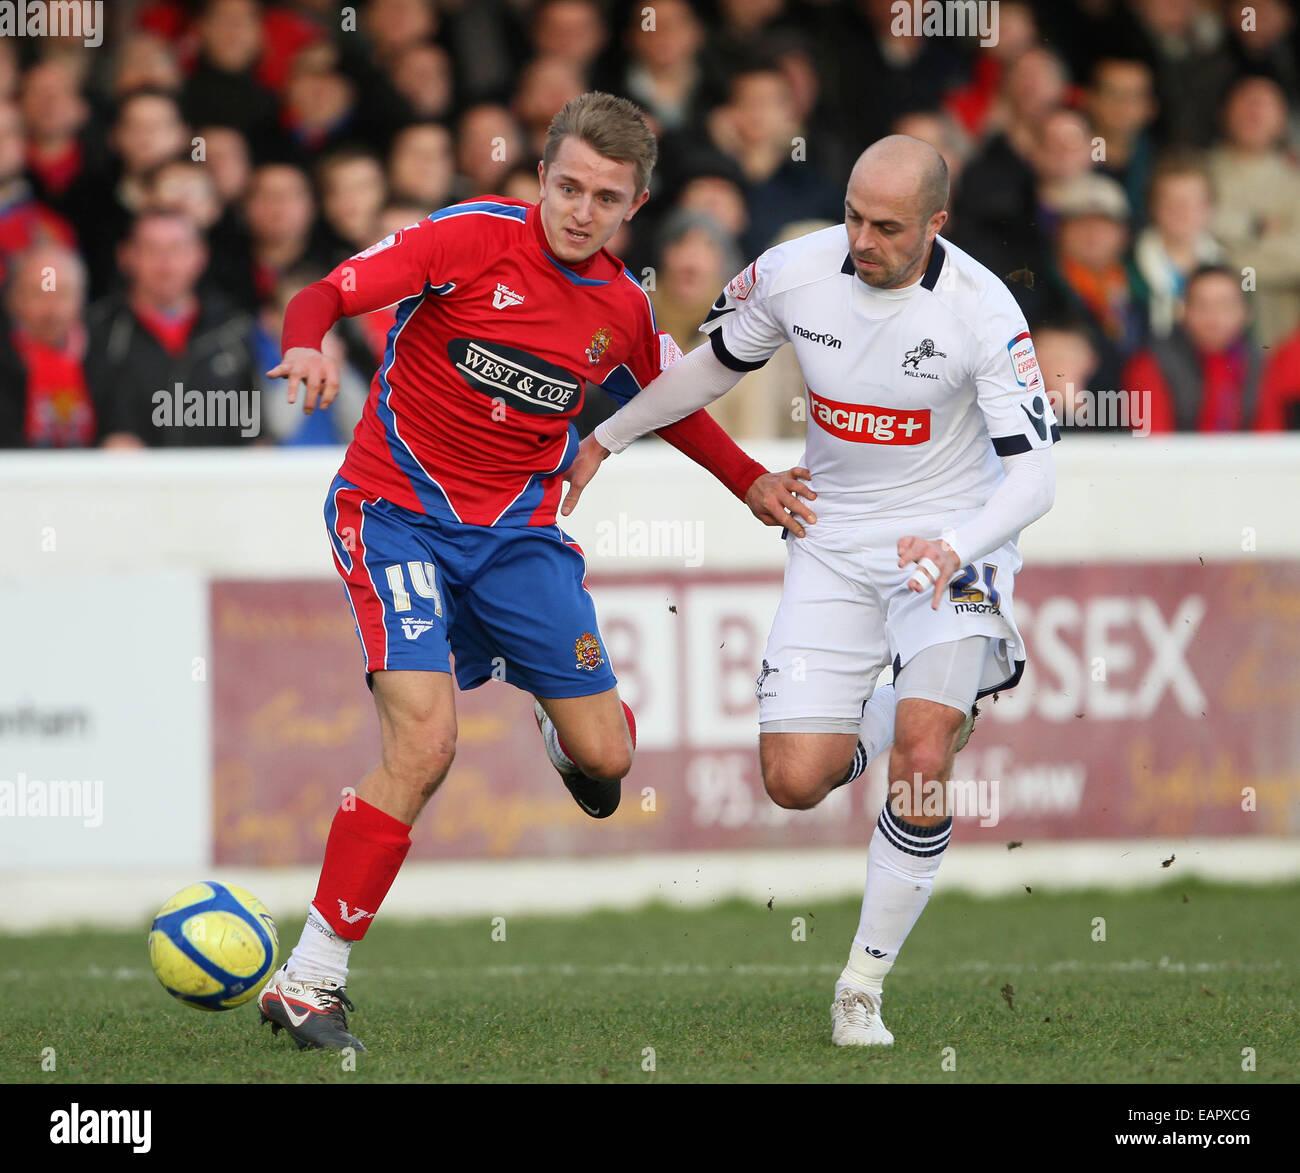 20528f81 Dagenhams Jake Reed tussles with Millwalls Jack Smith.Dagenham & Redbridge  v Millwall in the